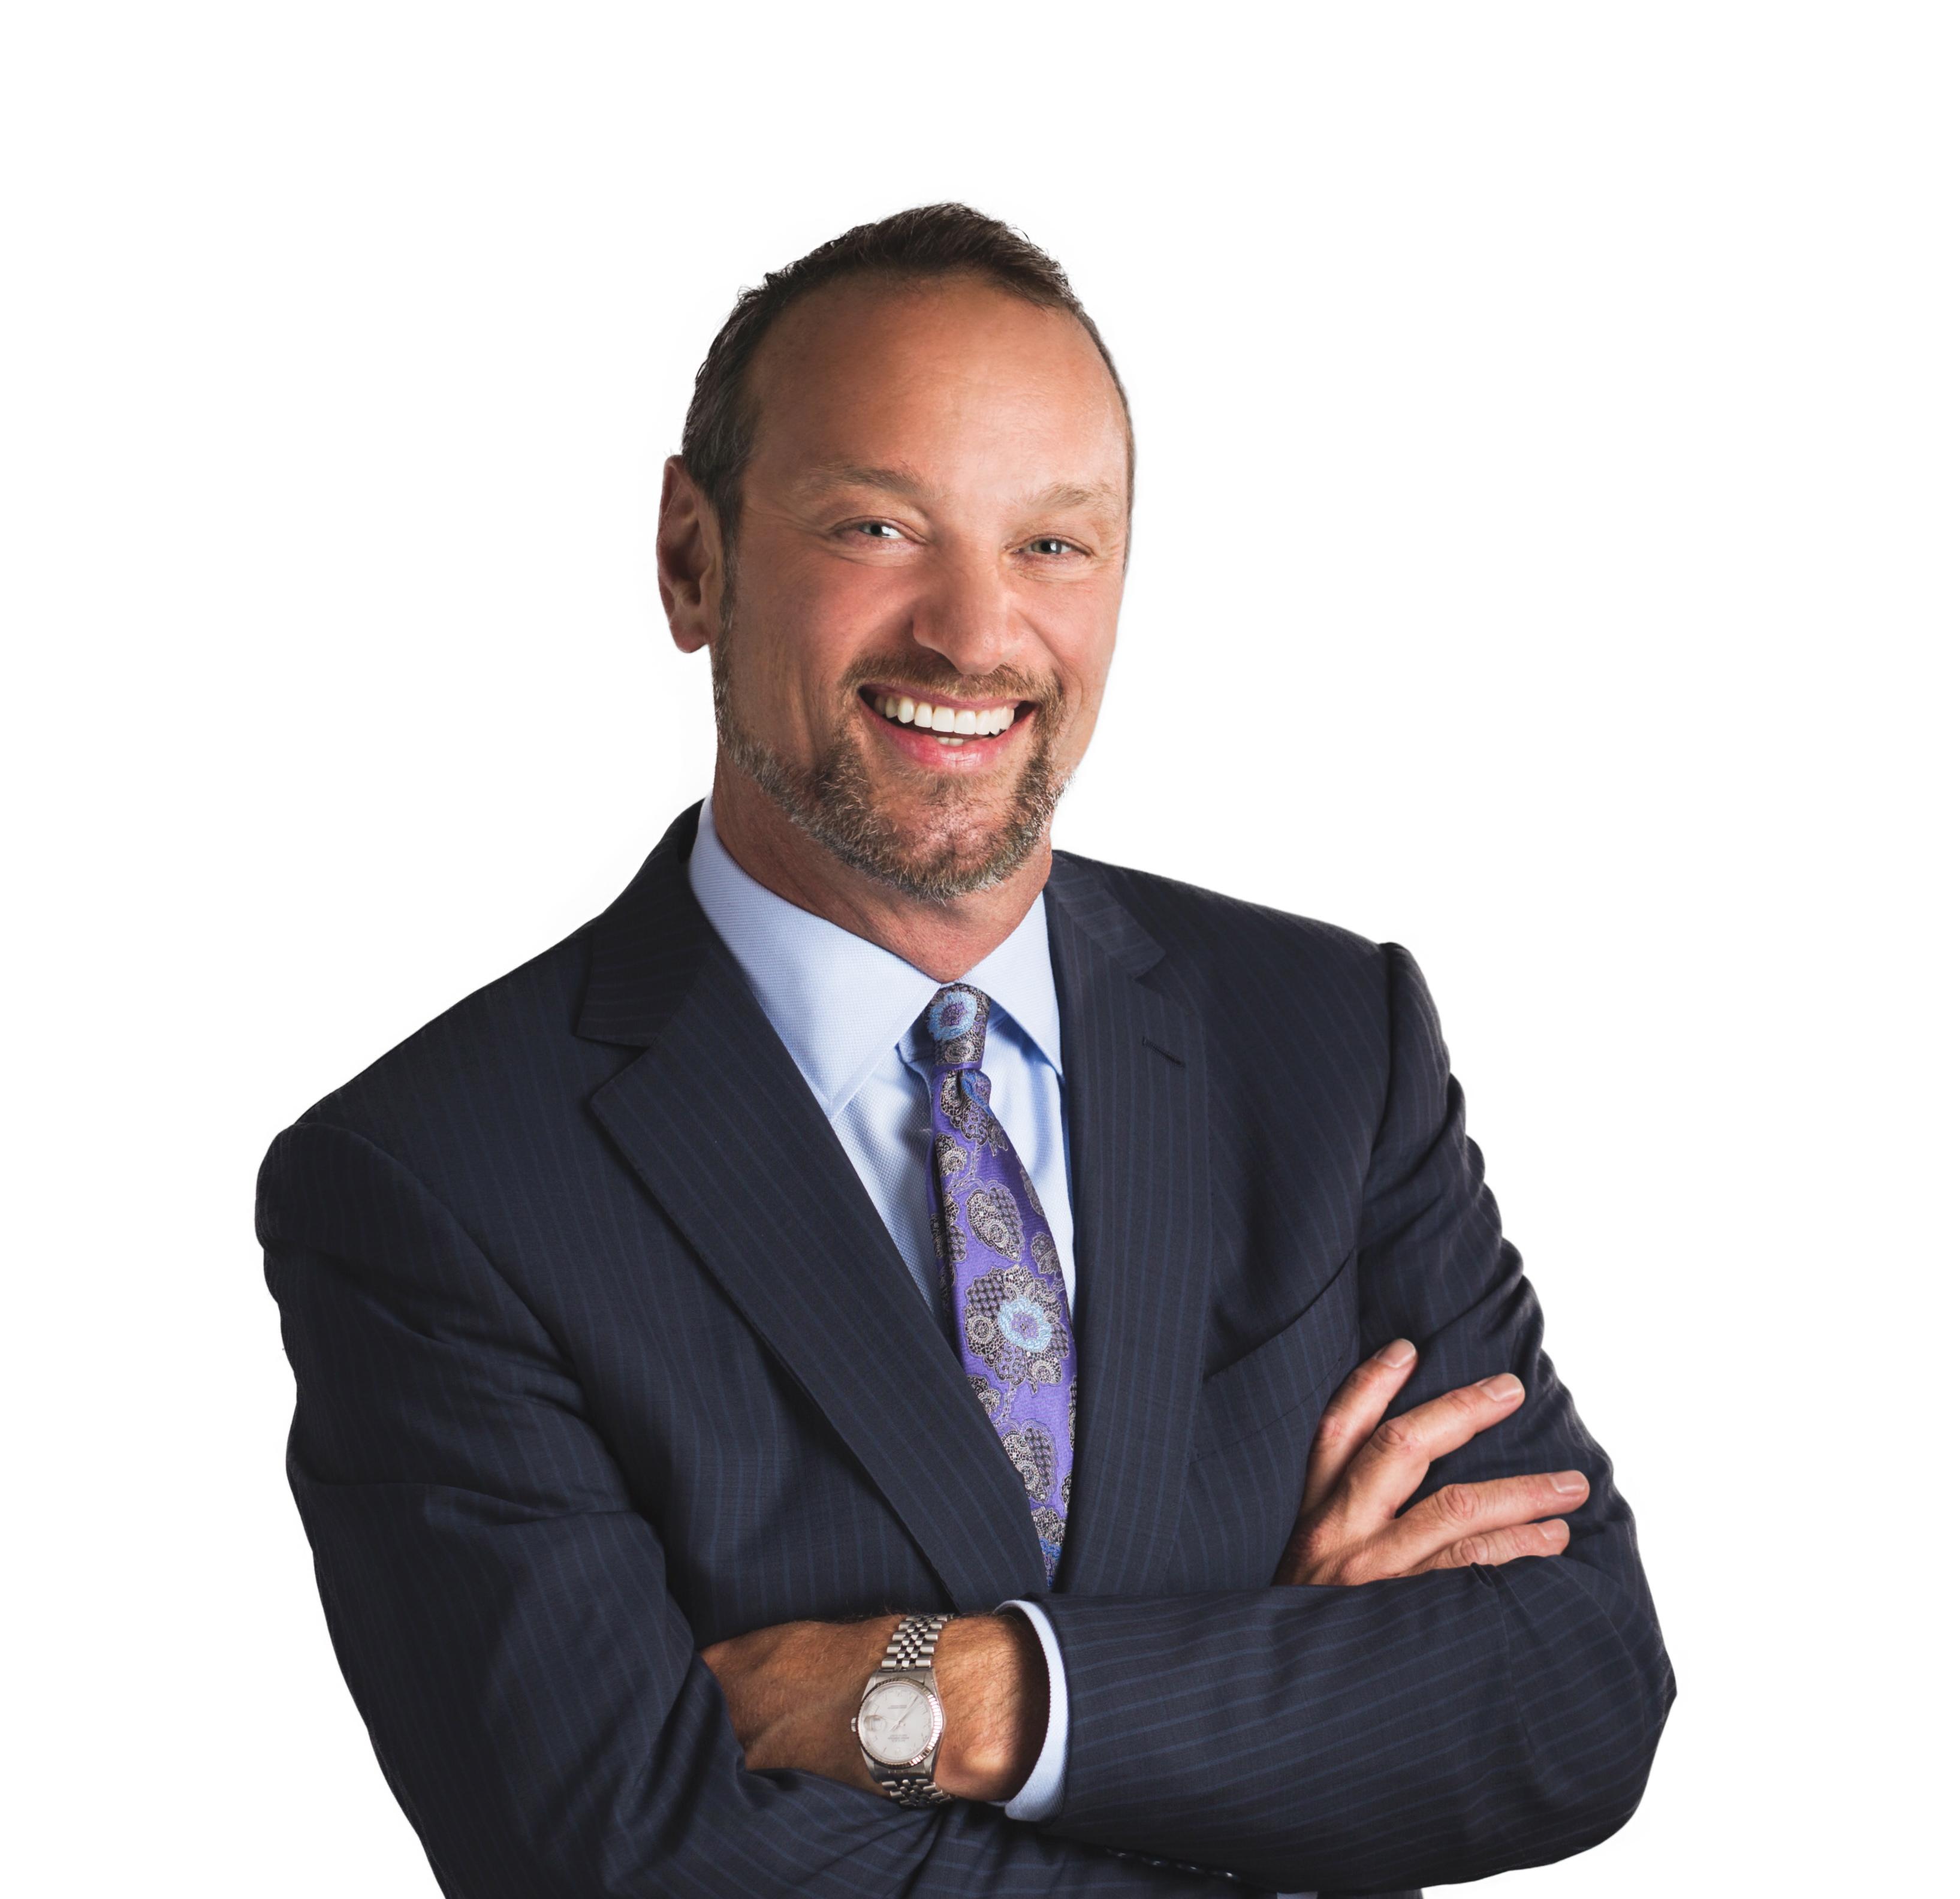 Dan Dodd profile image